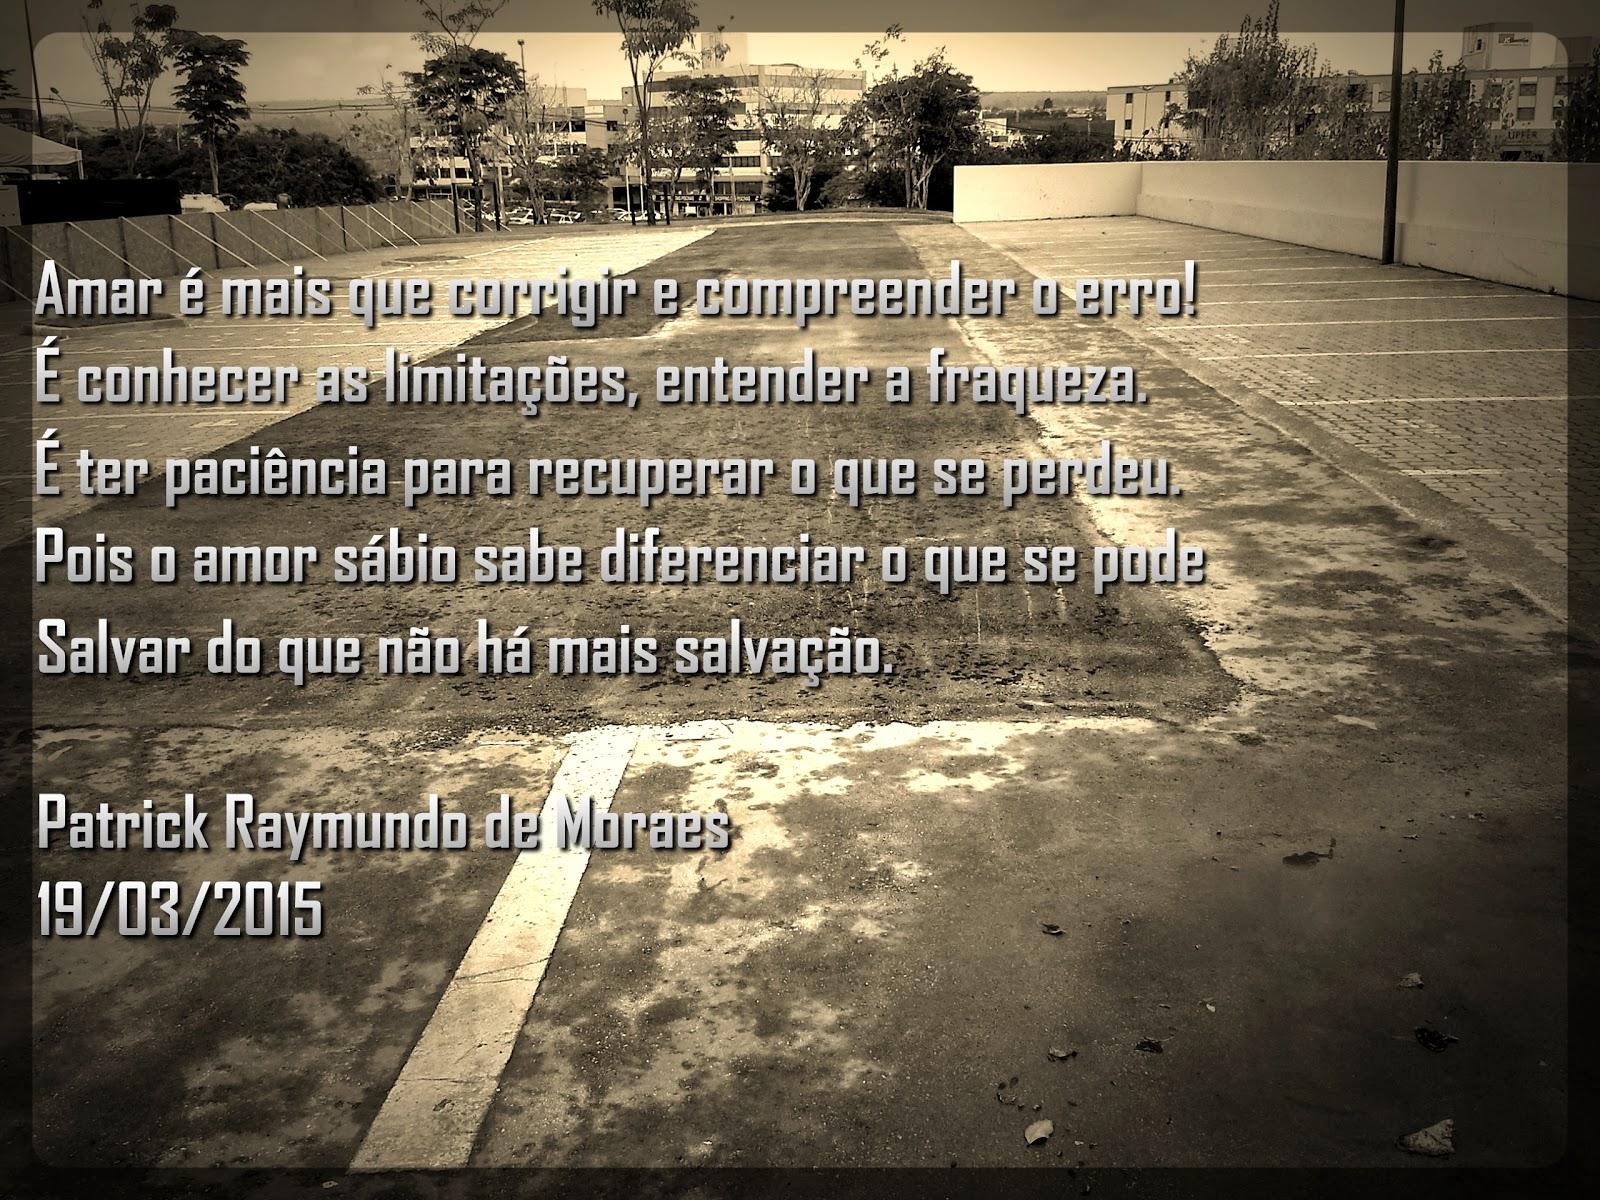 Poema de Patrick Raymundo de Moraes